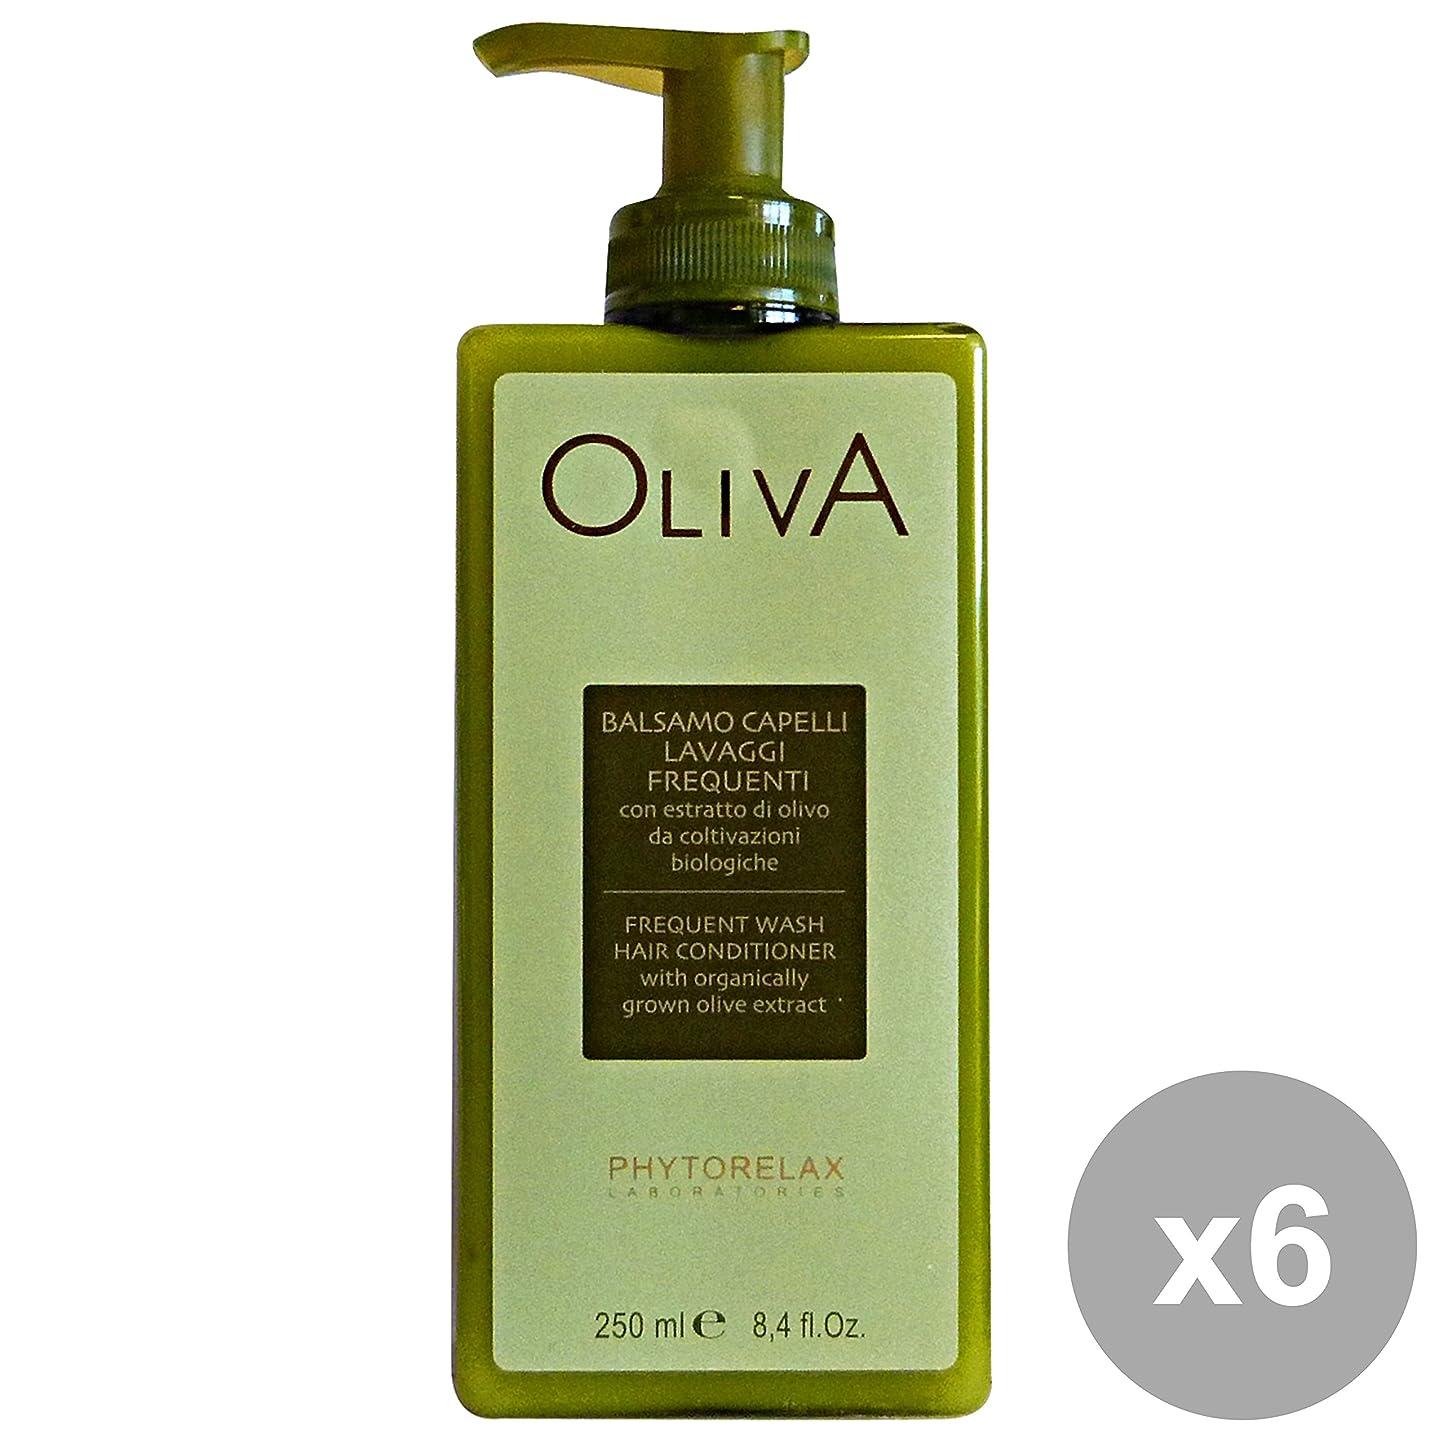 メディック目の前の致命的6ファイトレラックスオリーブバームウォッシュを洗う頻度250 ML。髪のための製品